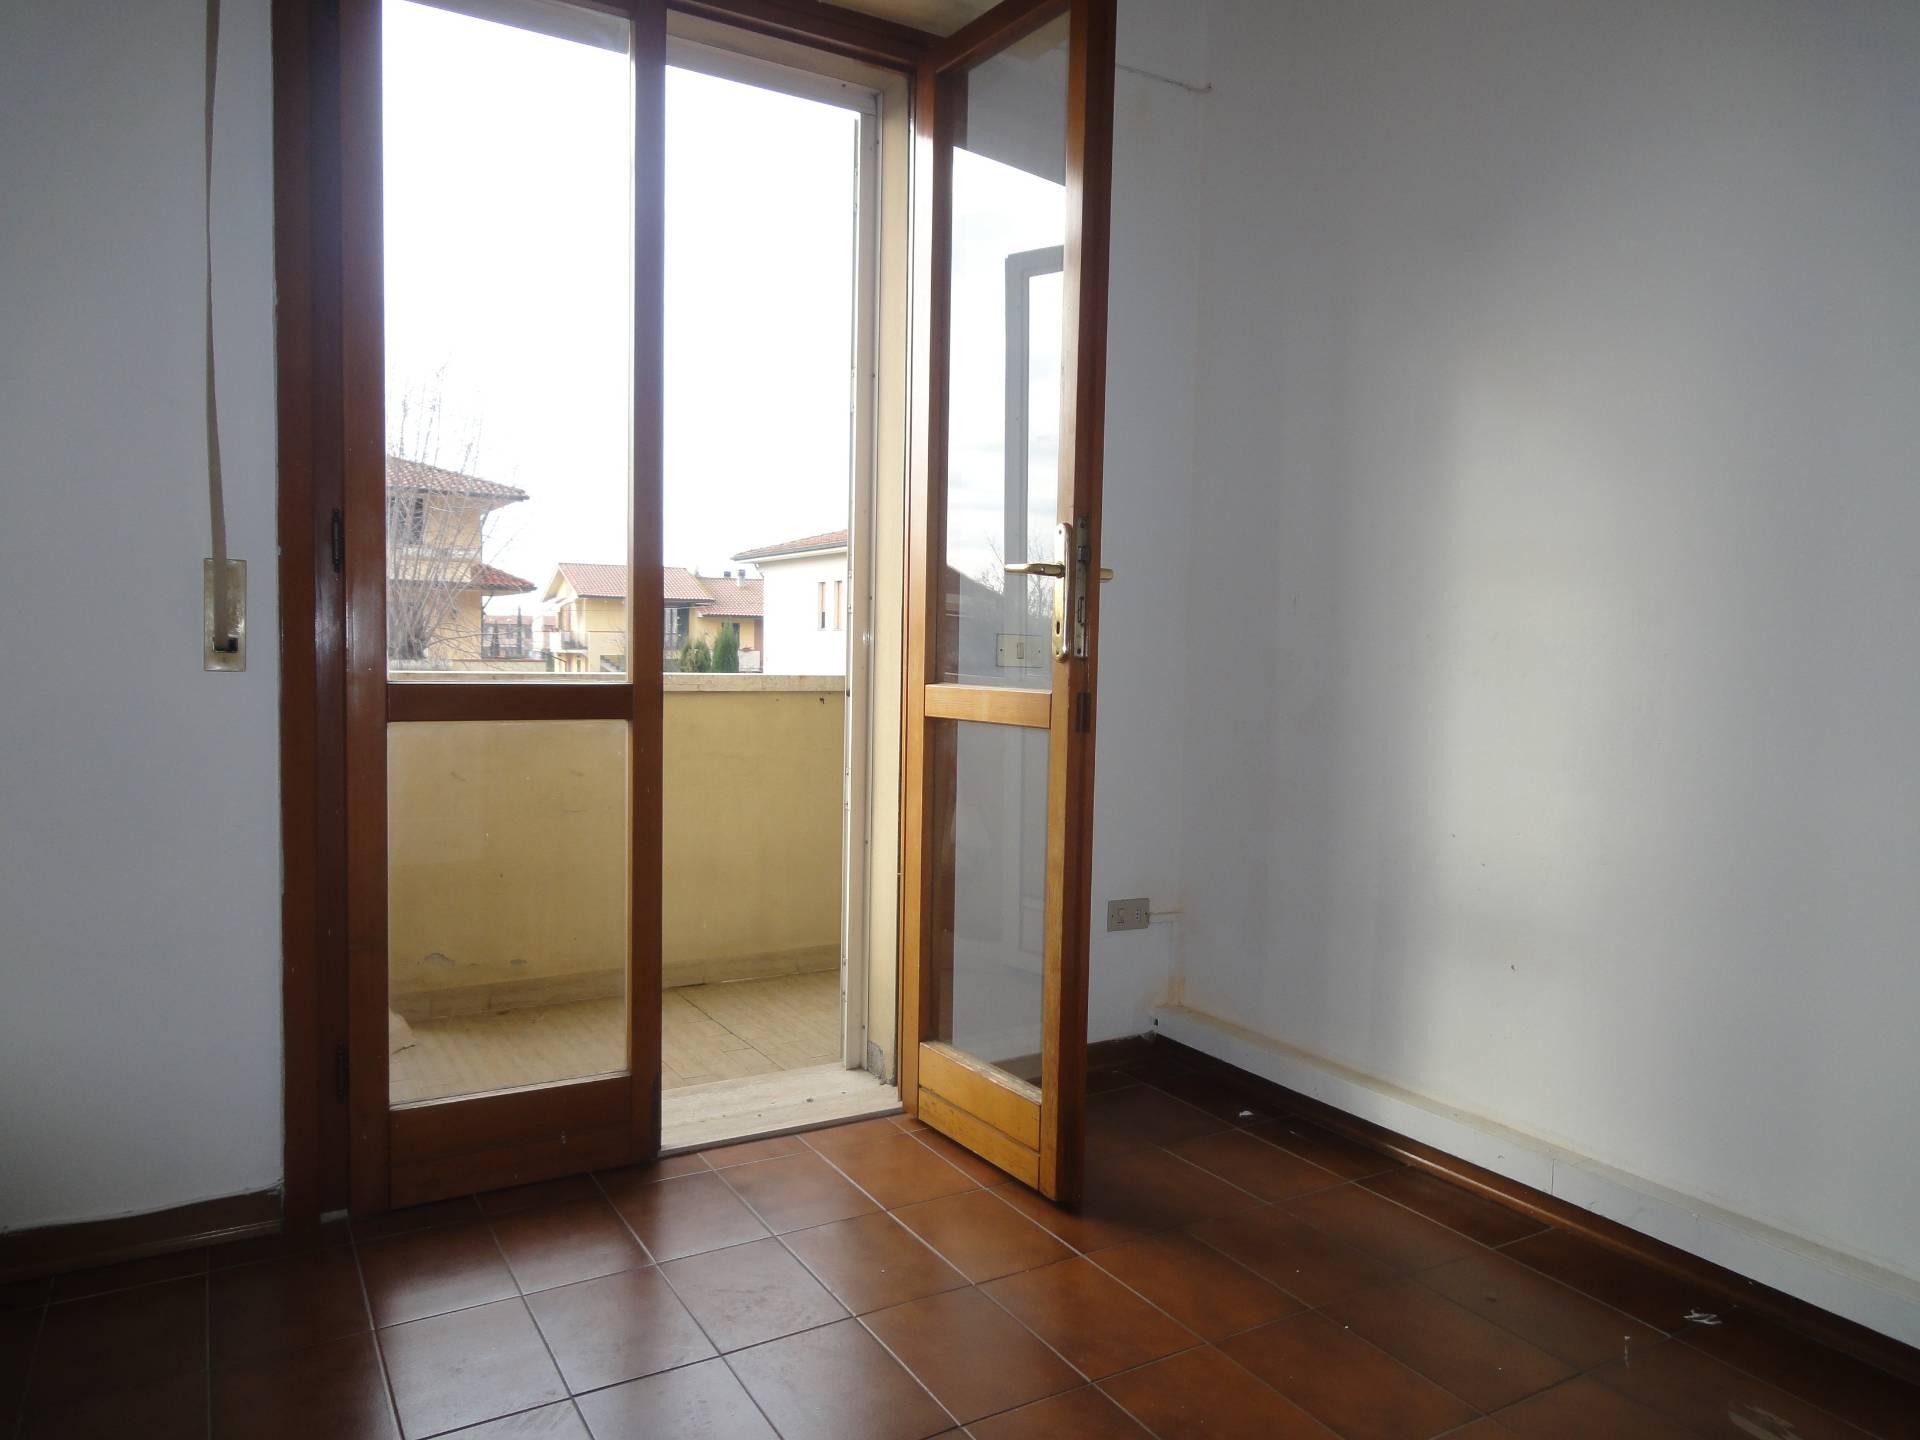 Appartamento in affitto a Pontedera, 6 locali, zona Località: IFabbri, prezzo € 450 | CambioCasa.it